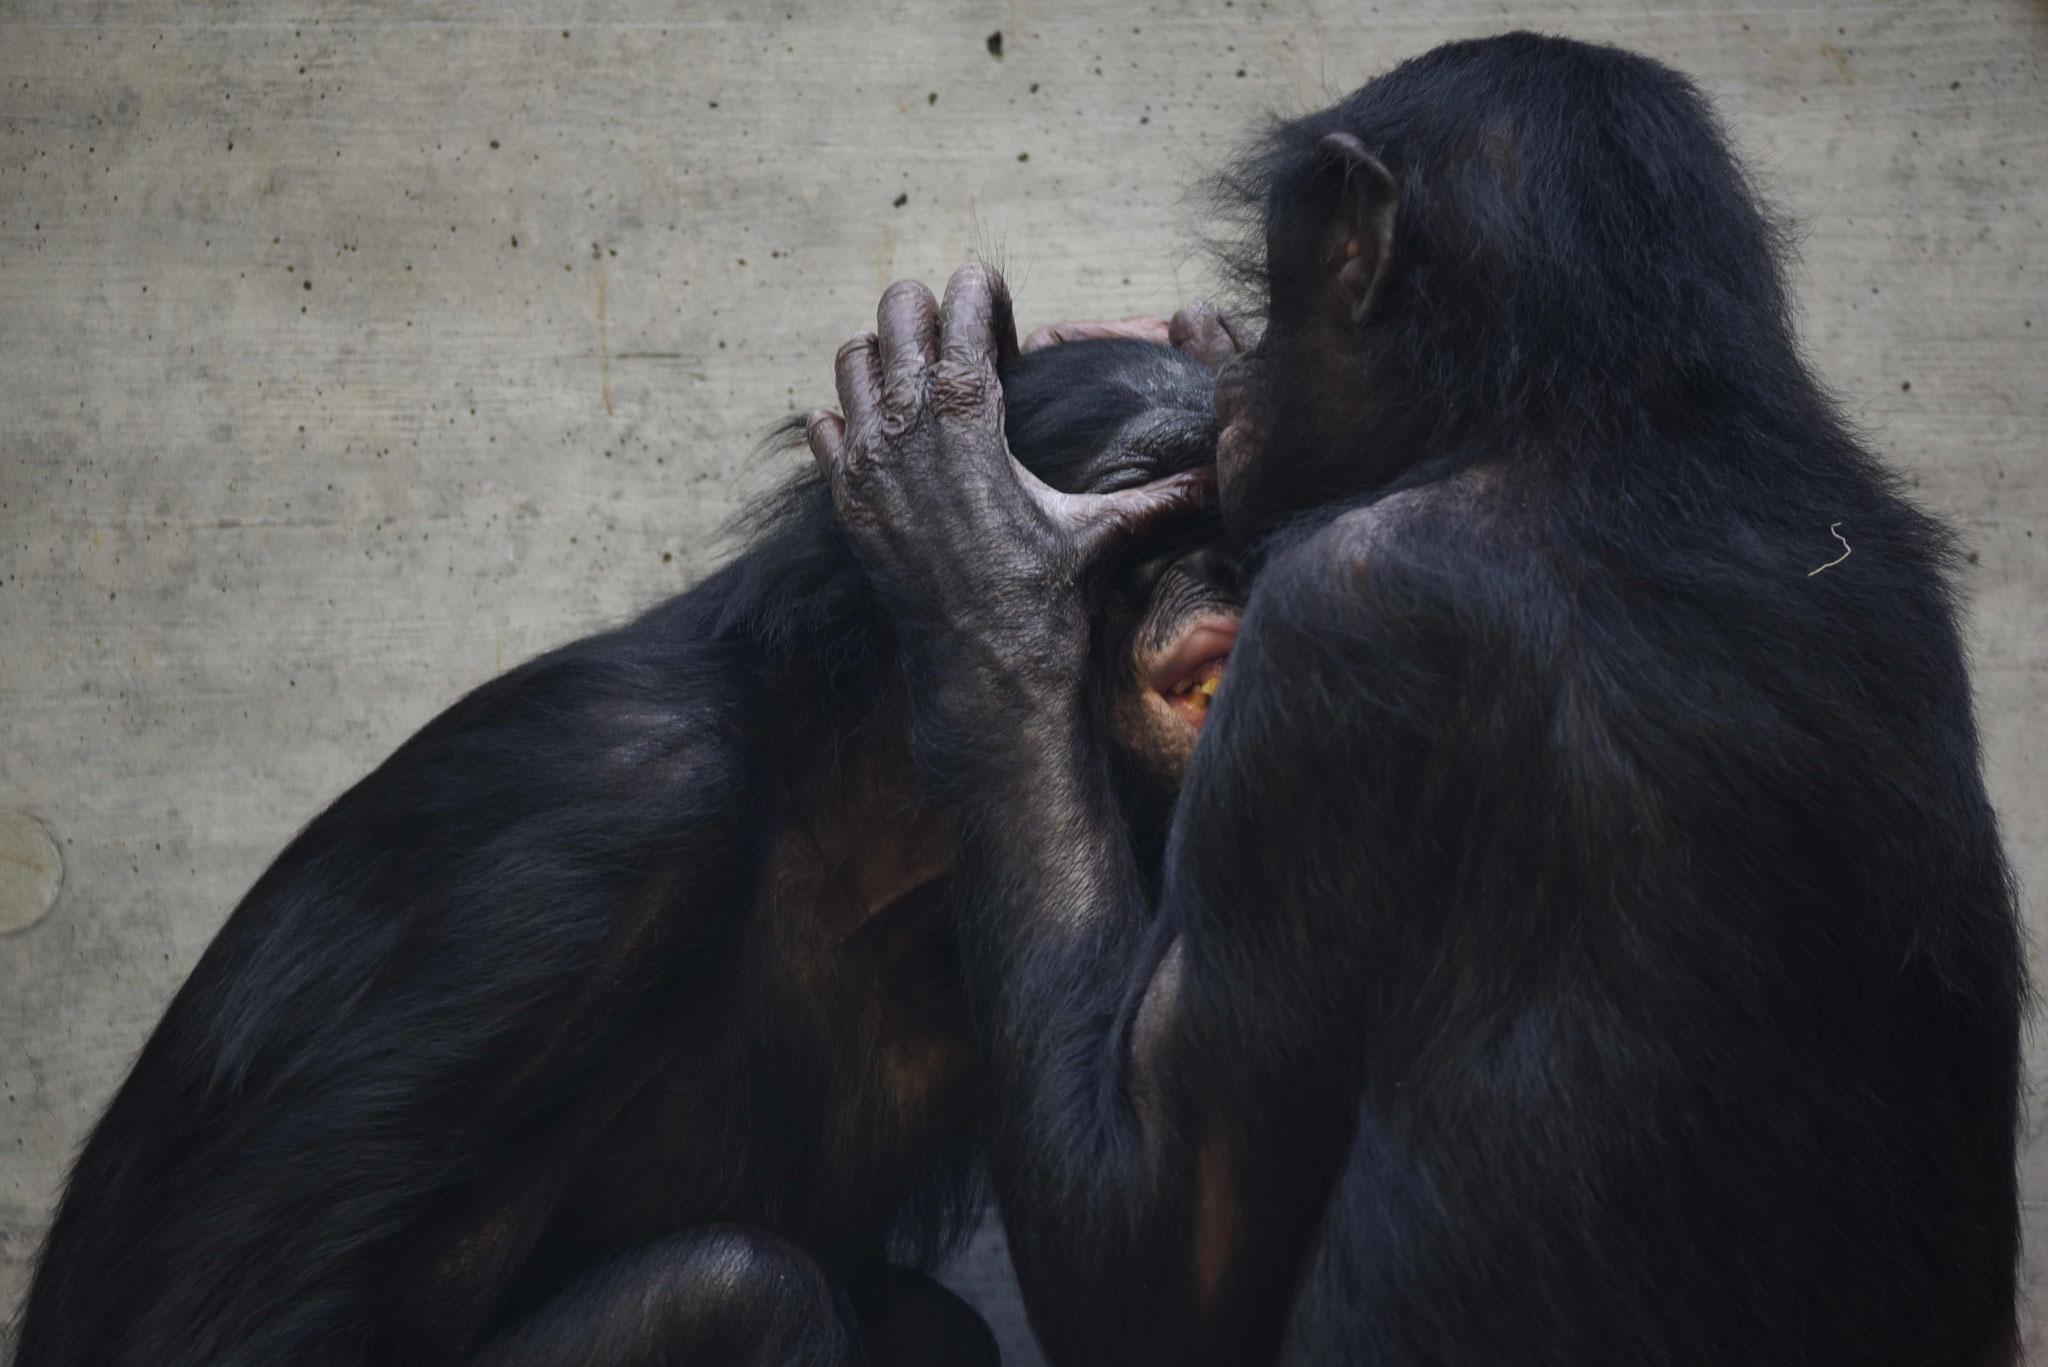 Körperpflege bei den Bonobos - Wilhelma, Stuttgart